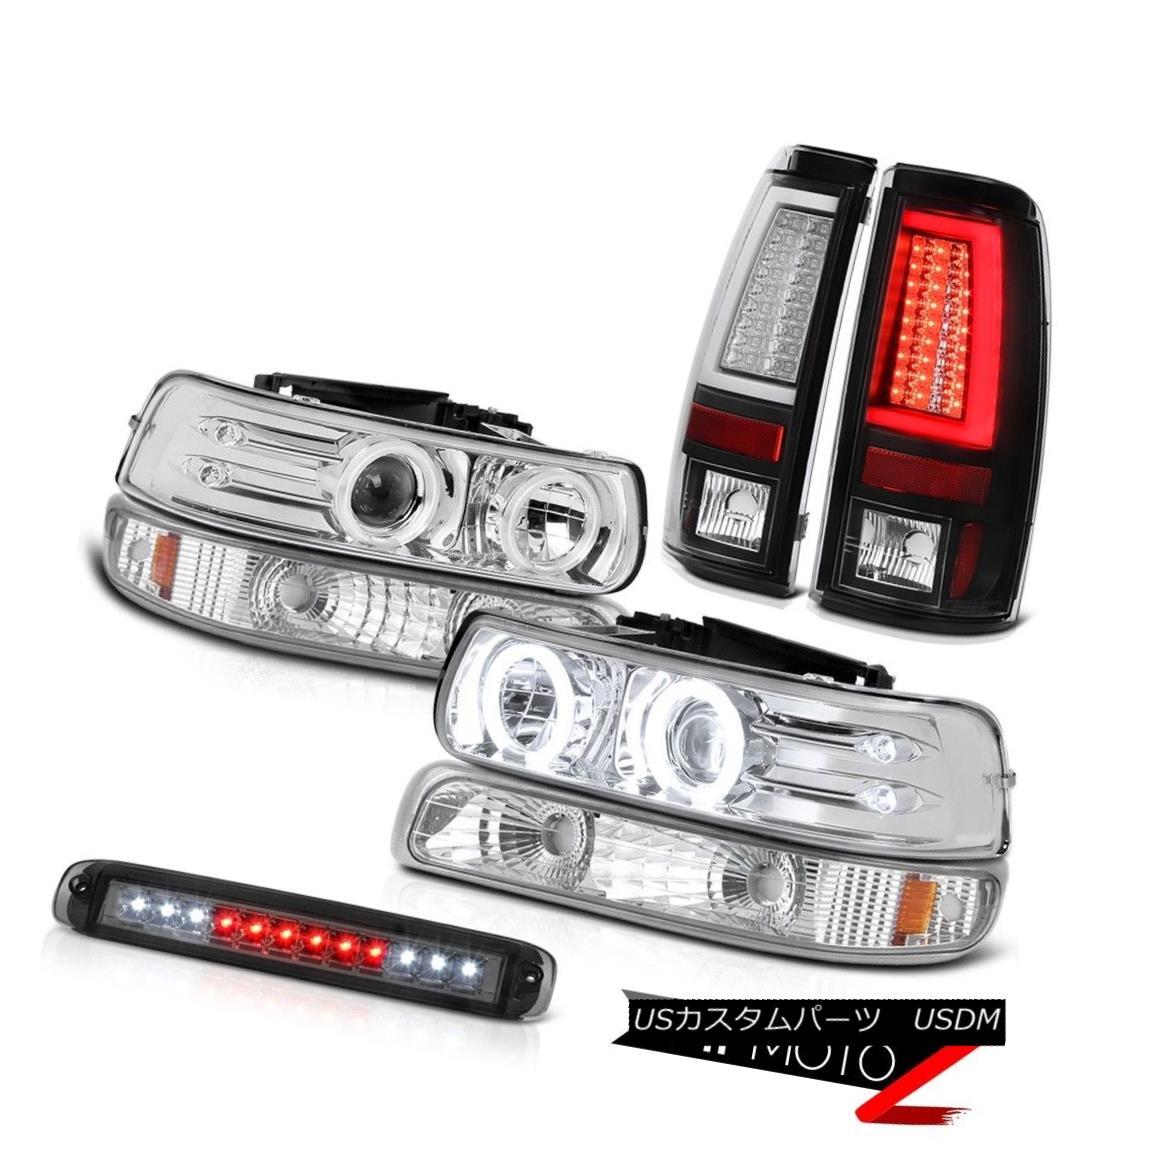 テールライト 99-02 Silverado LT Rear Brake Lamps 3rd Lamp Signal Headlights Tron Style LED 99-02 Silverado LTリアブレーキランプ3ランプ信号ヘッドライトTronスタイルLED